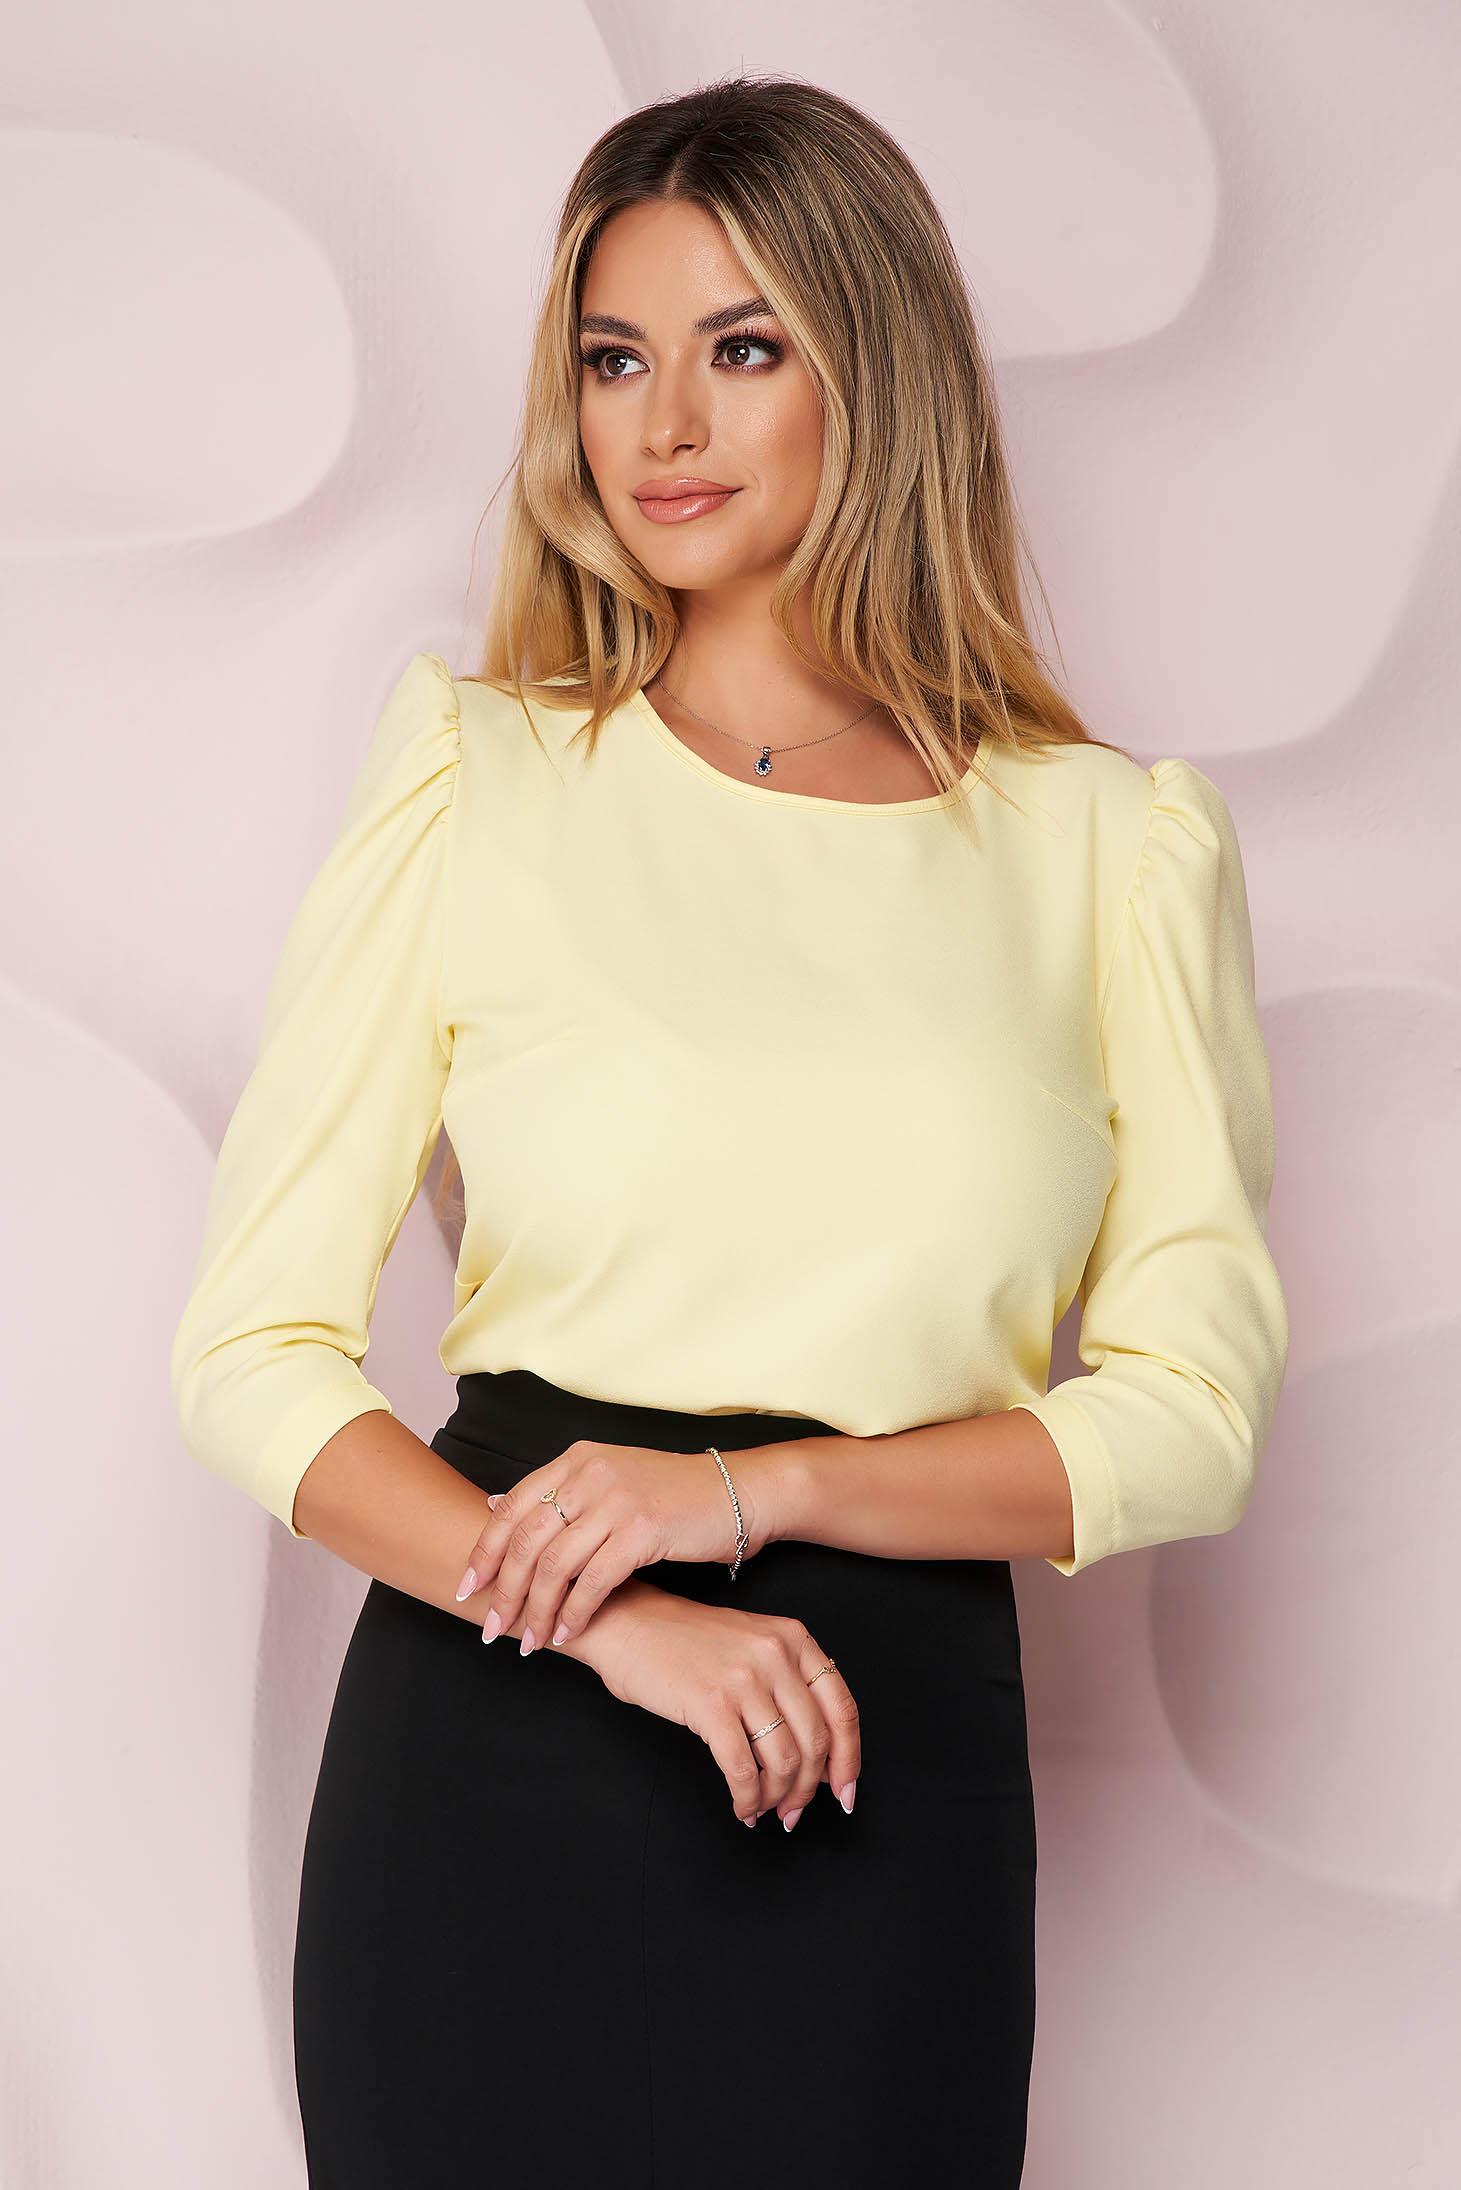 Irodai sárga StarShinerS bő ujjú, szűk szabású női blúz enyhén rugalmas anyagból